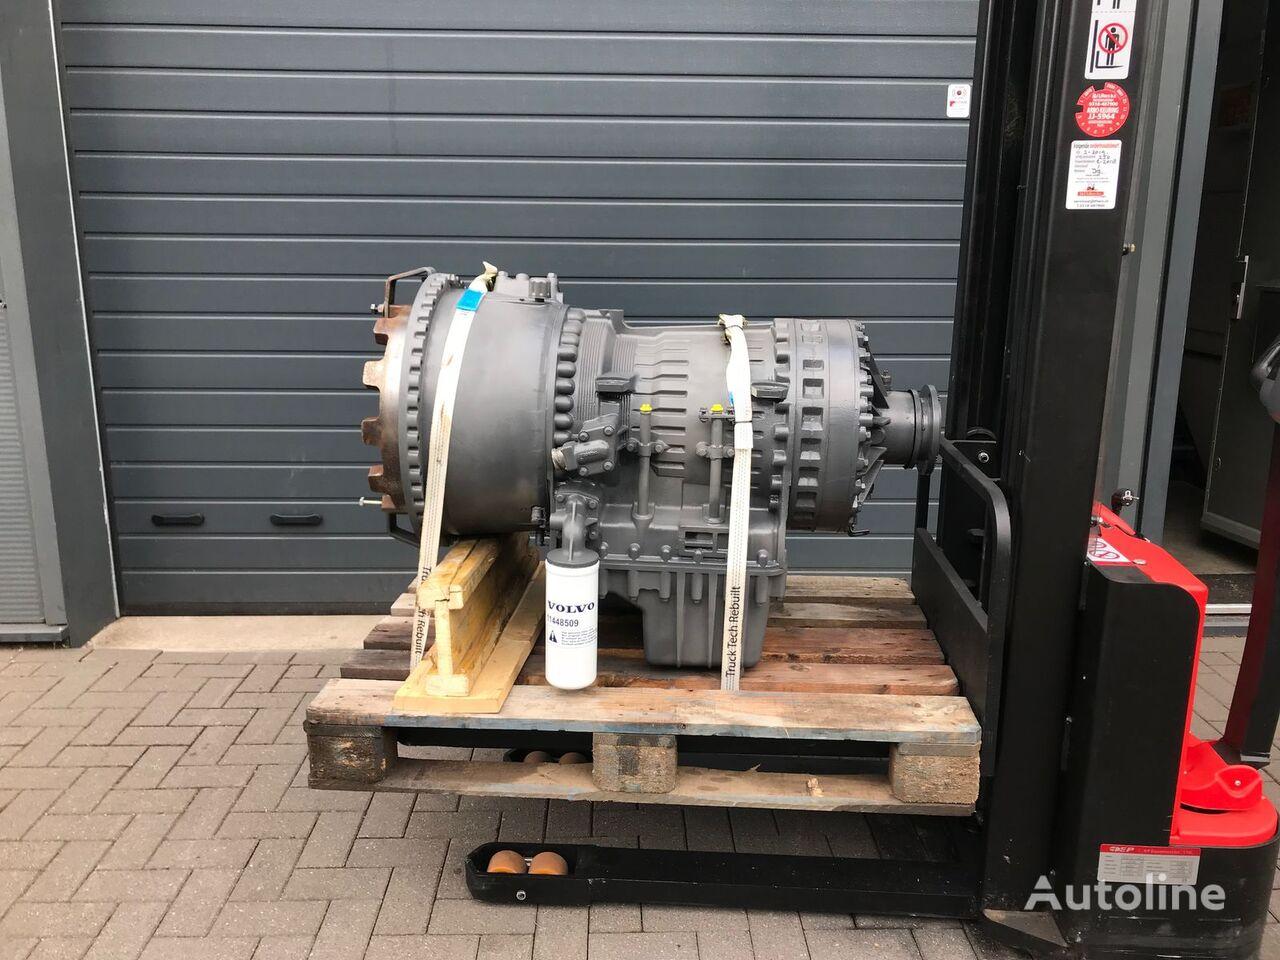 neues VOLVO PT1862 22640 22650 Getriebe für VOLVO knikdumper Radlader